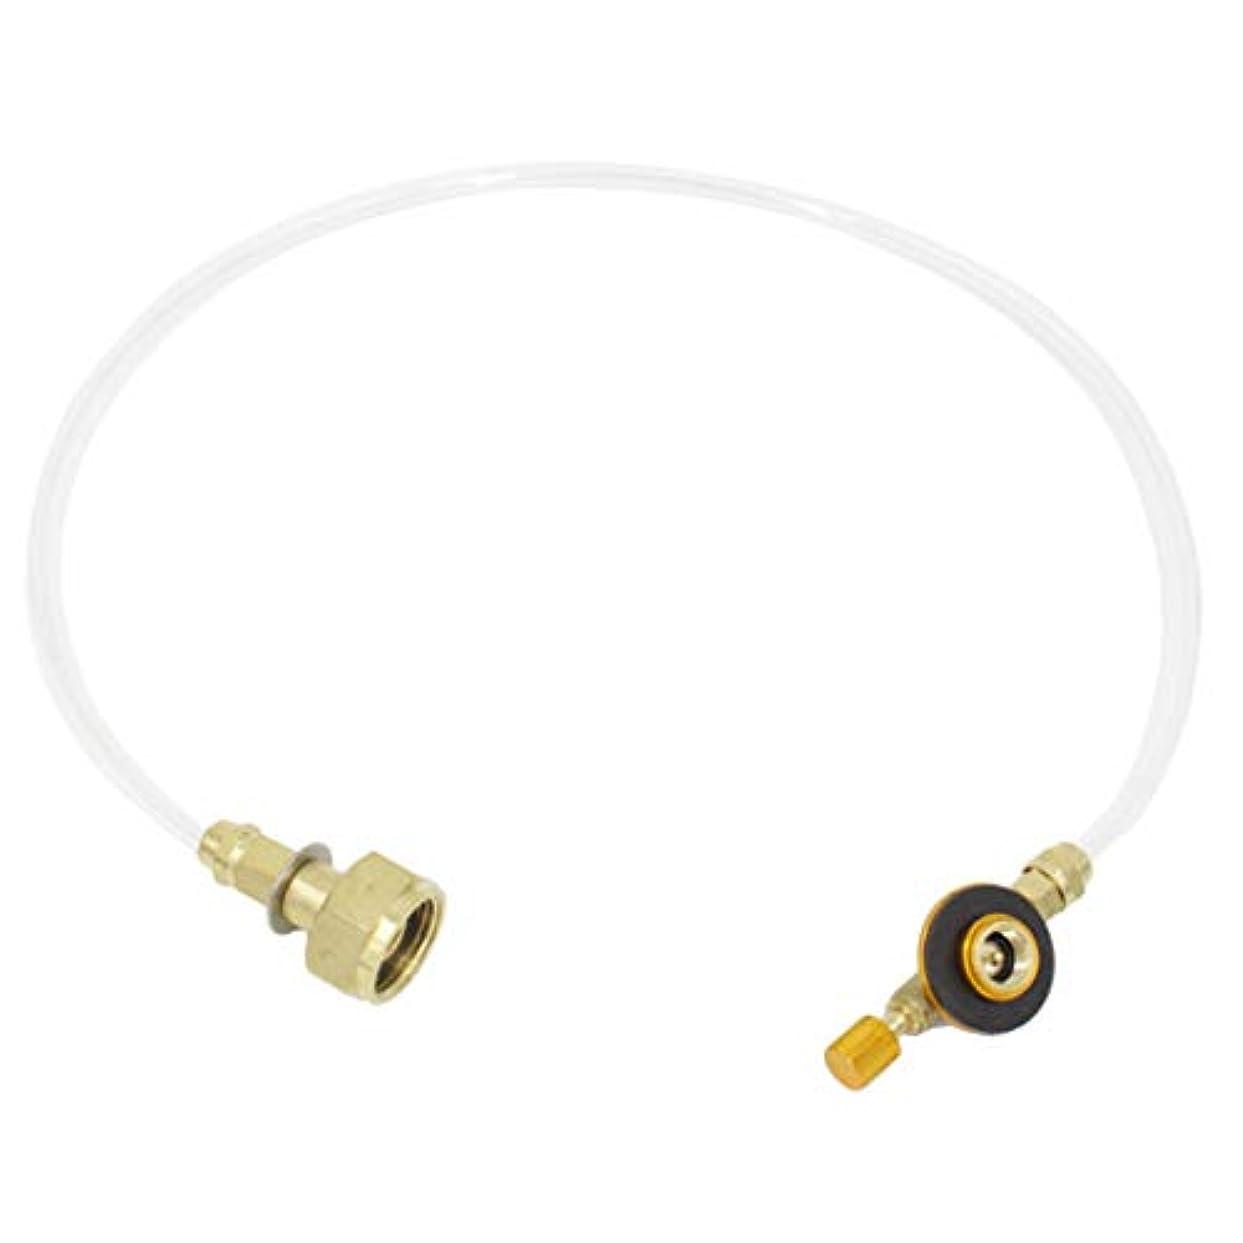 アーティファクトマート見せますP Prettyia ガスストーブホース ダンロップホームプロダクツ ガス兼用 ガスコード ガス栓とガス機器の接続 バーベキュー